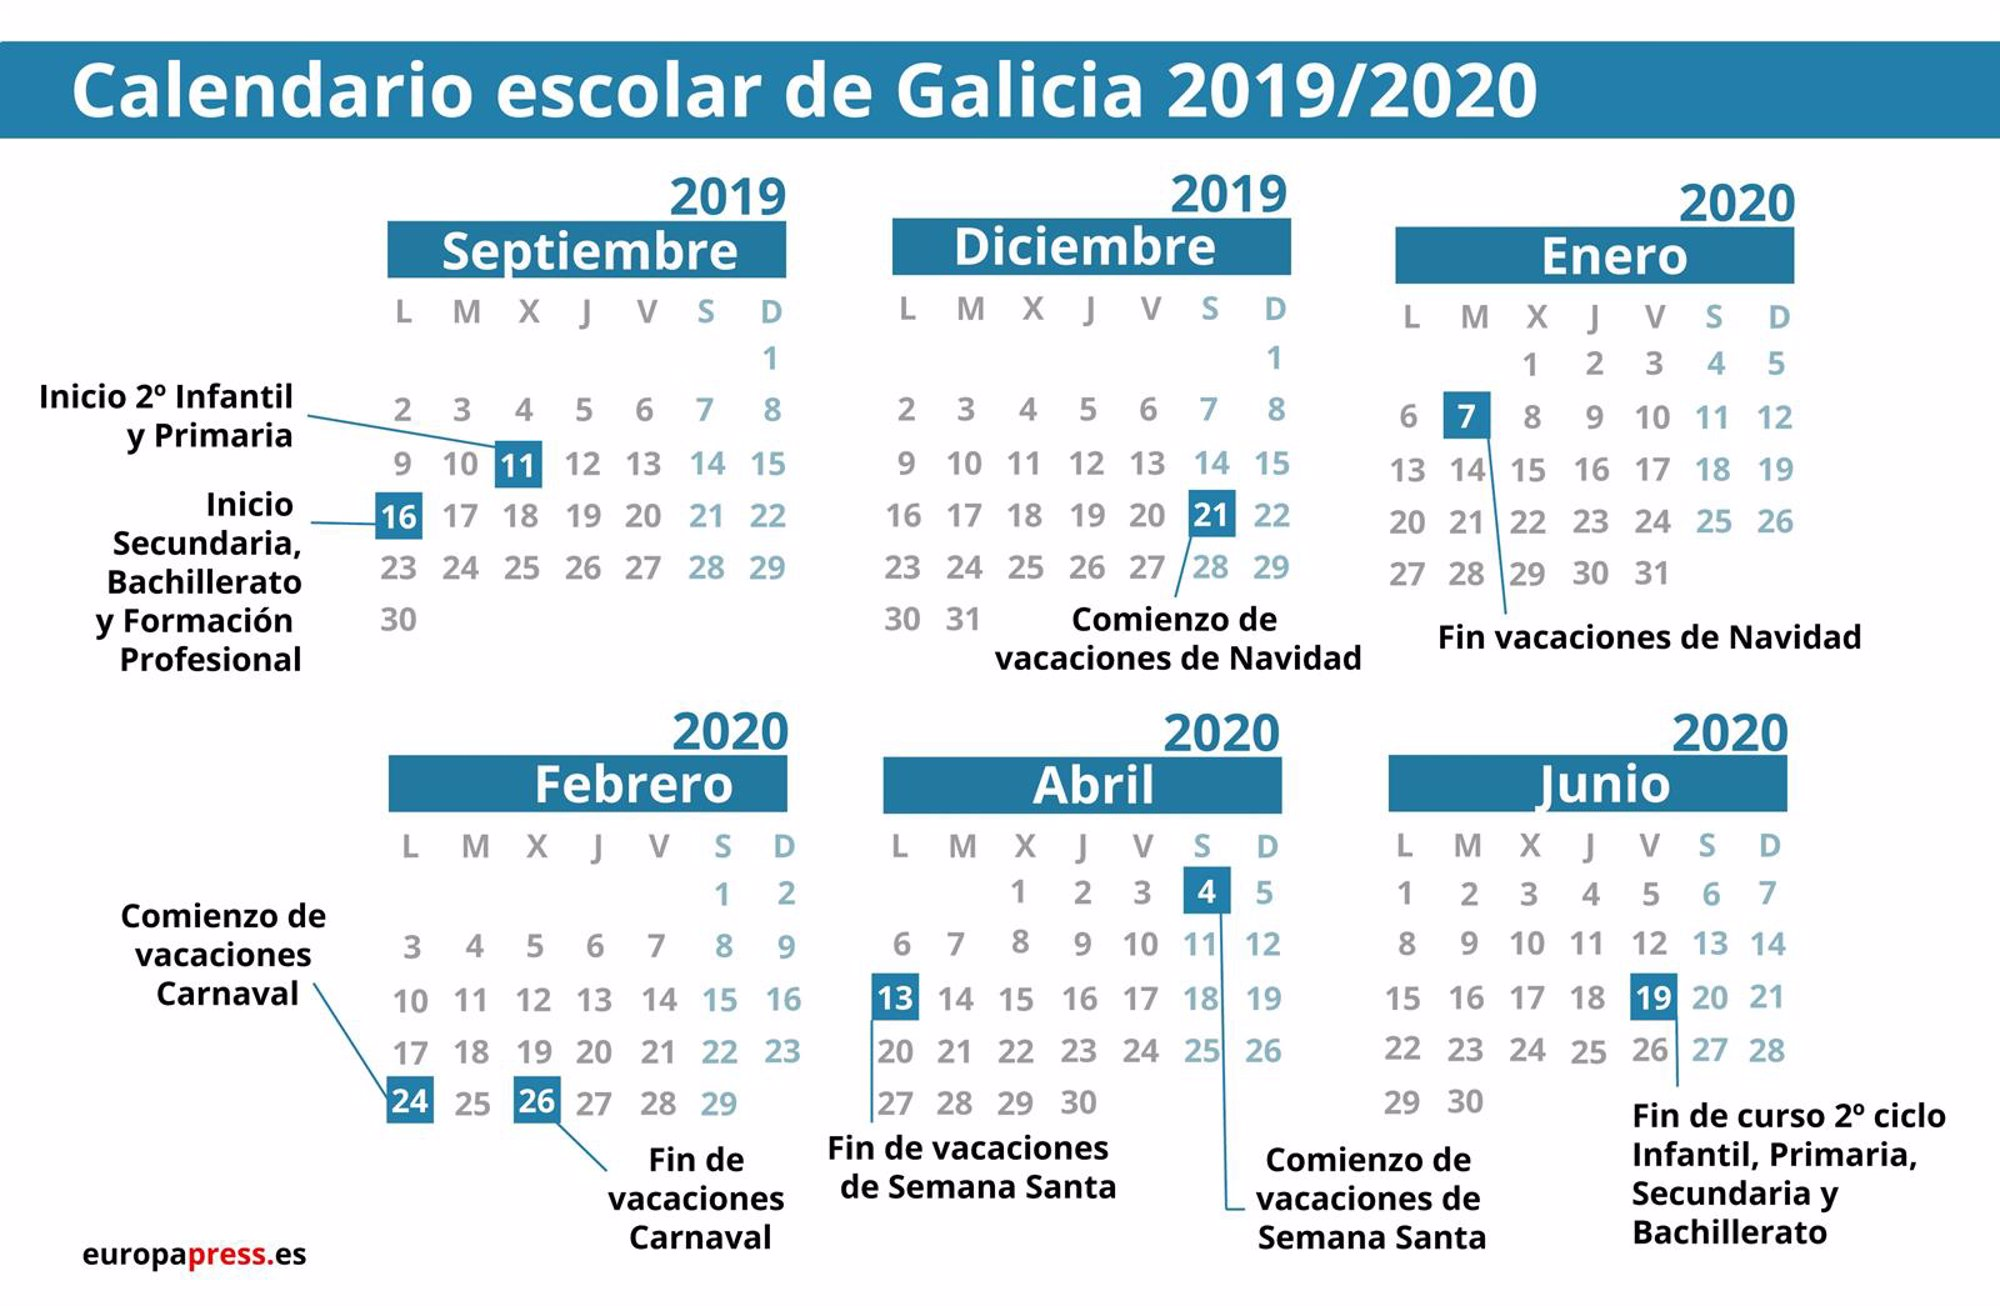 Calendario Escolar Galicia 2020 Y 2019.Calendario Escolar En Galicia 2019 2020 Navidad Semana Santa Y Vacaciones De Verano